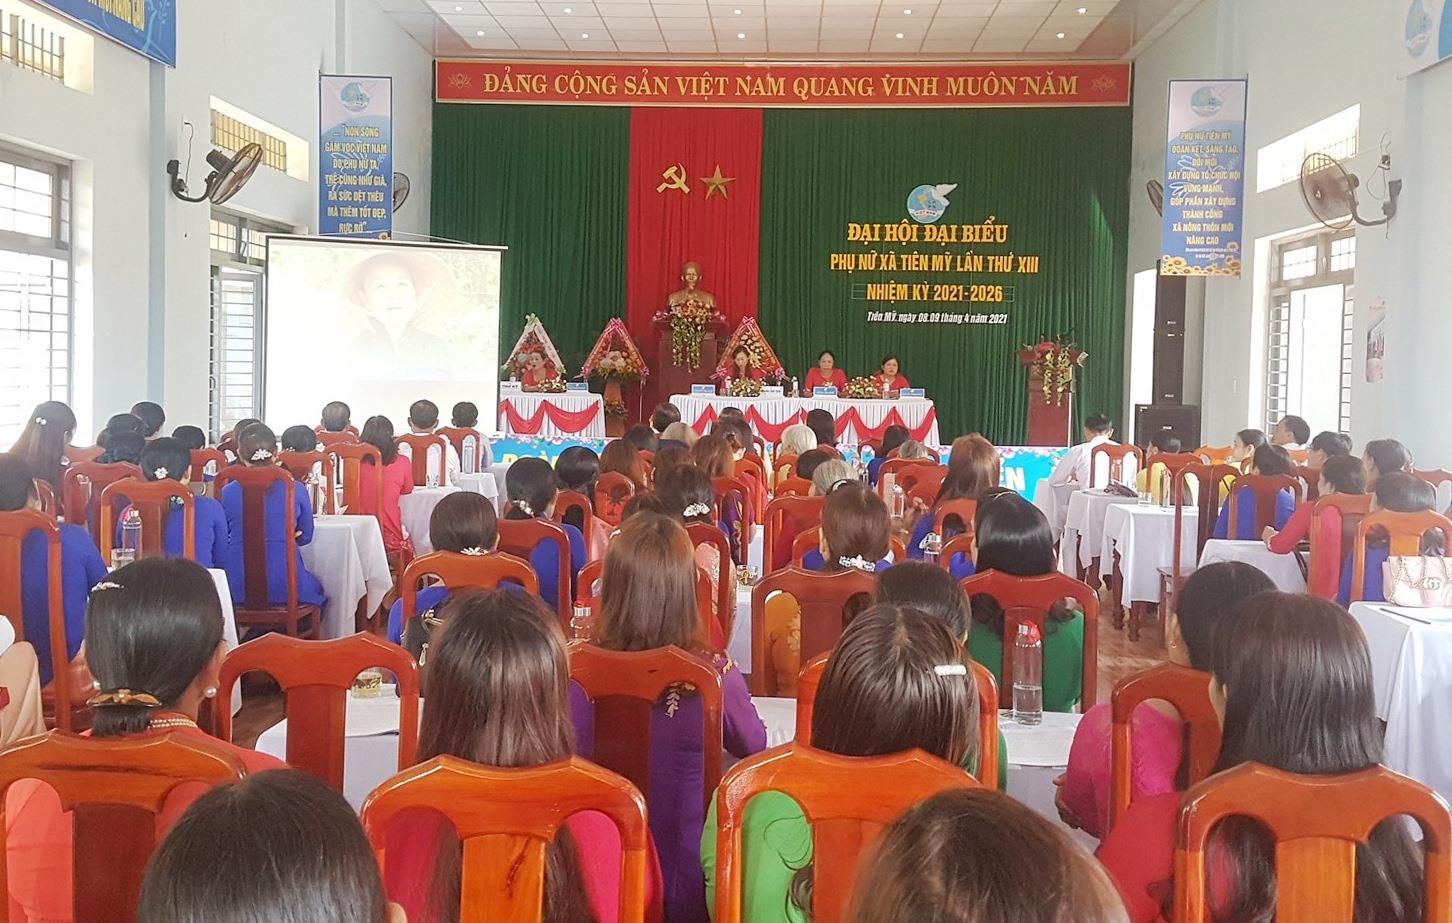 Đại hội đại biểu phụ nữ xã Tiên Mỹ diễn ra trong sáng nay 9.4. Ảnh: D.L